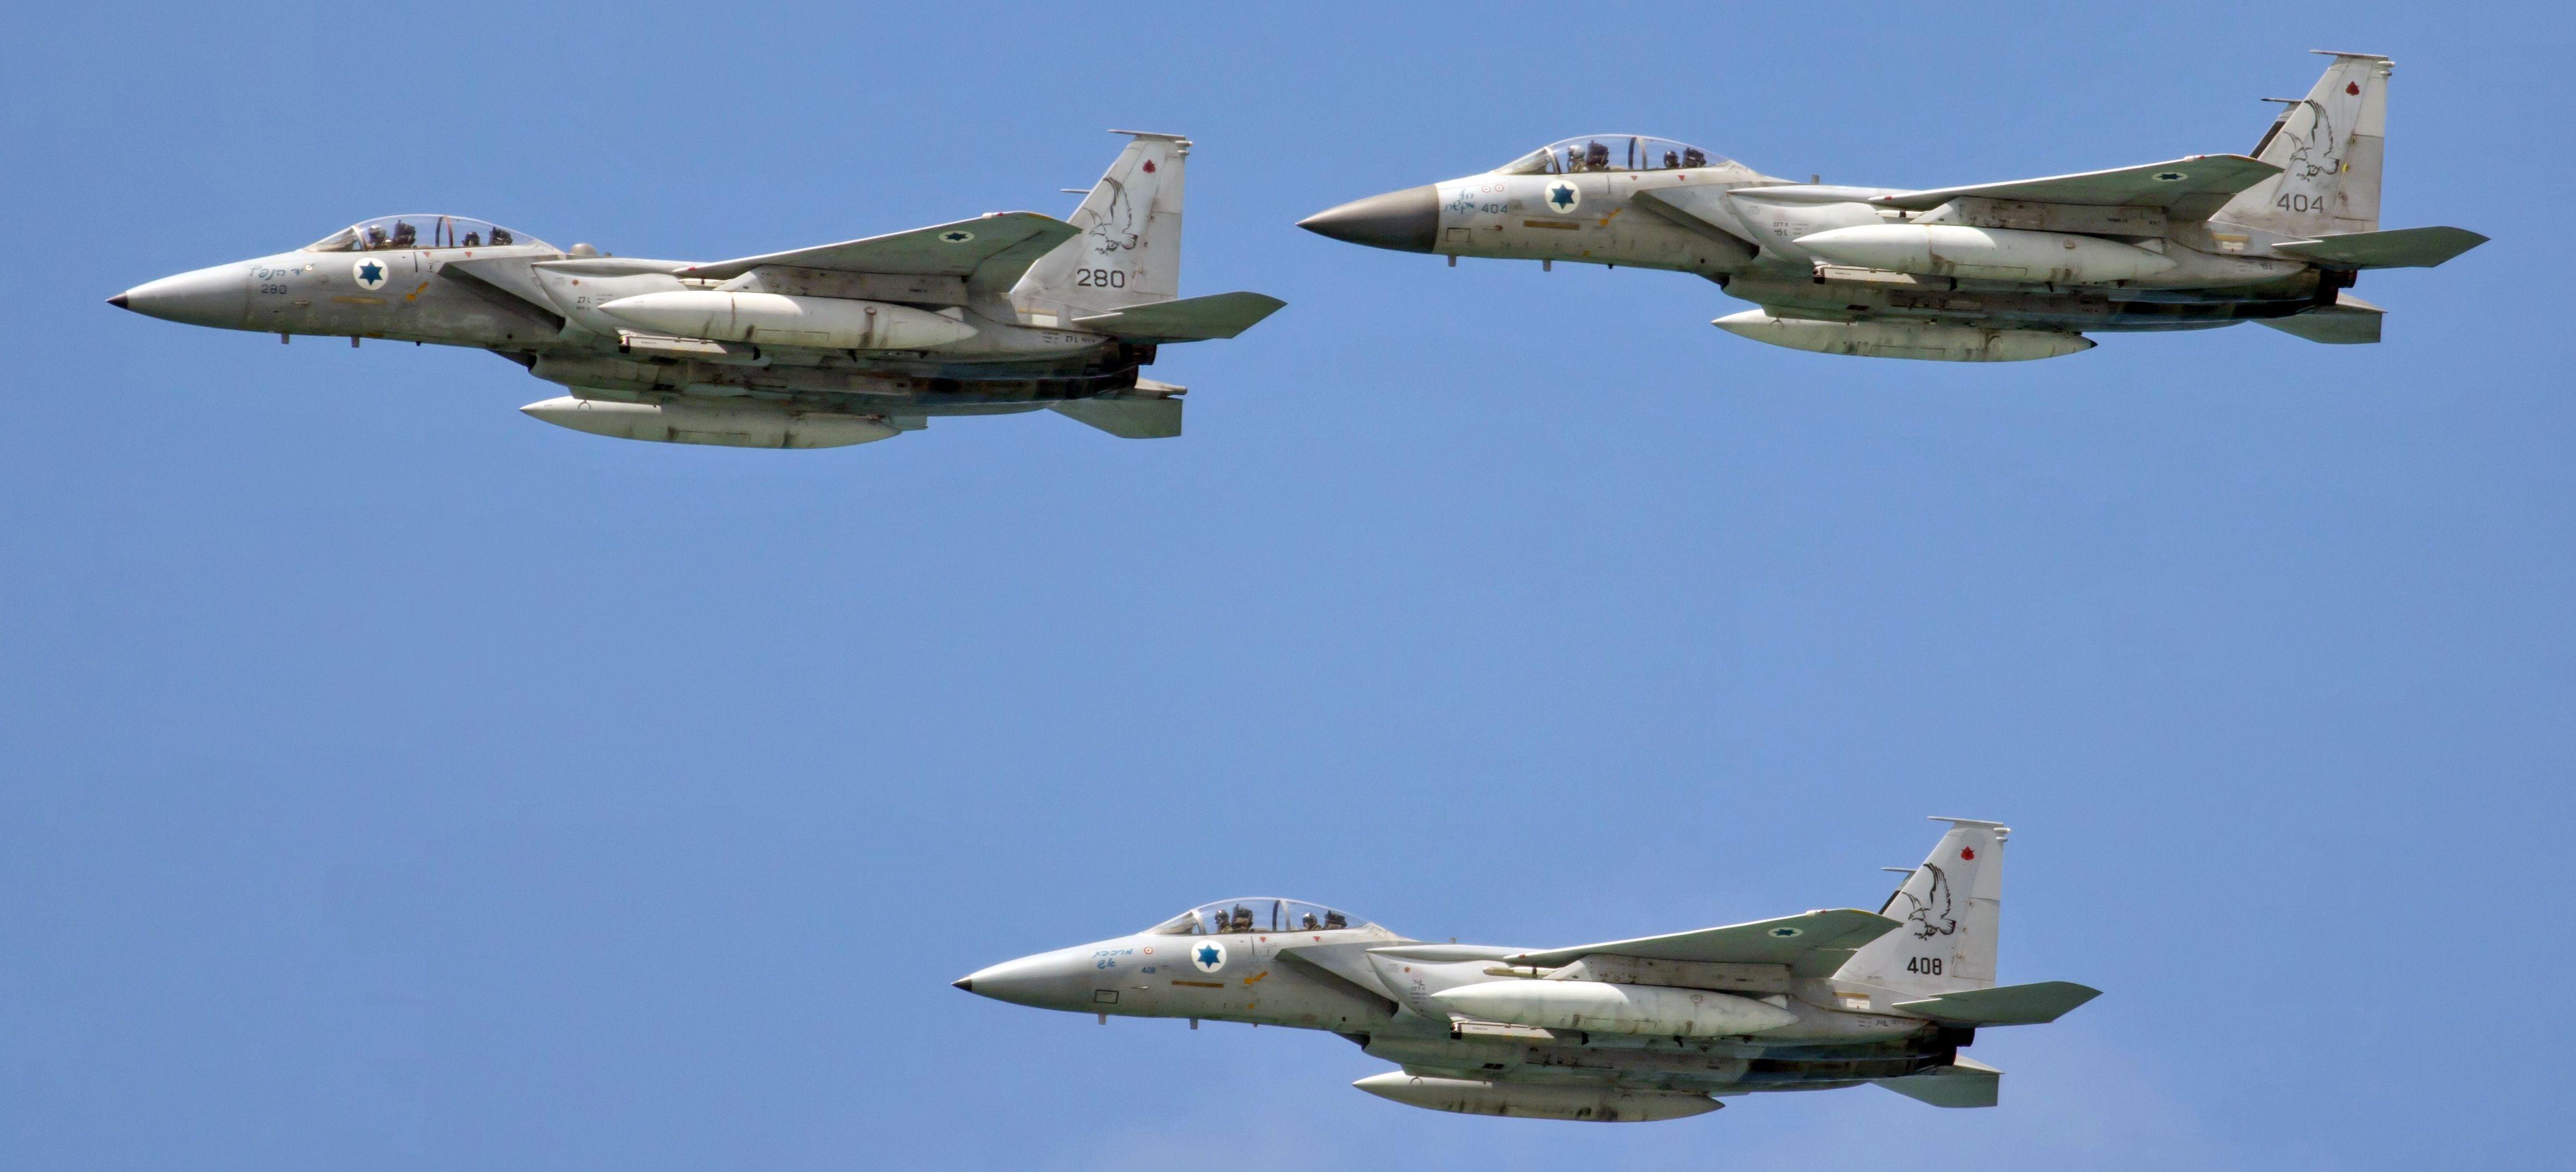 Formacja izraelskich F-15B i F-15D. Na nosach wszystkich trzech maszyn widać (zalecamy otworzenie zdjęcia w pełnej rozdzielczości) oznaczenia zwycięstw powietrznych nad myśliwcami syryjskimi. (fot. מינוזיג, Creative Commons Attribution-Share Alike 4.0 International)